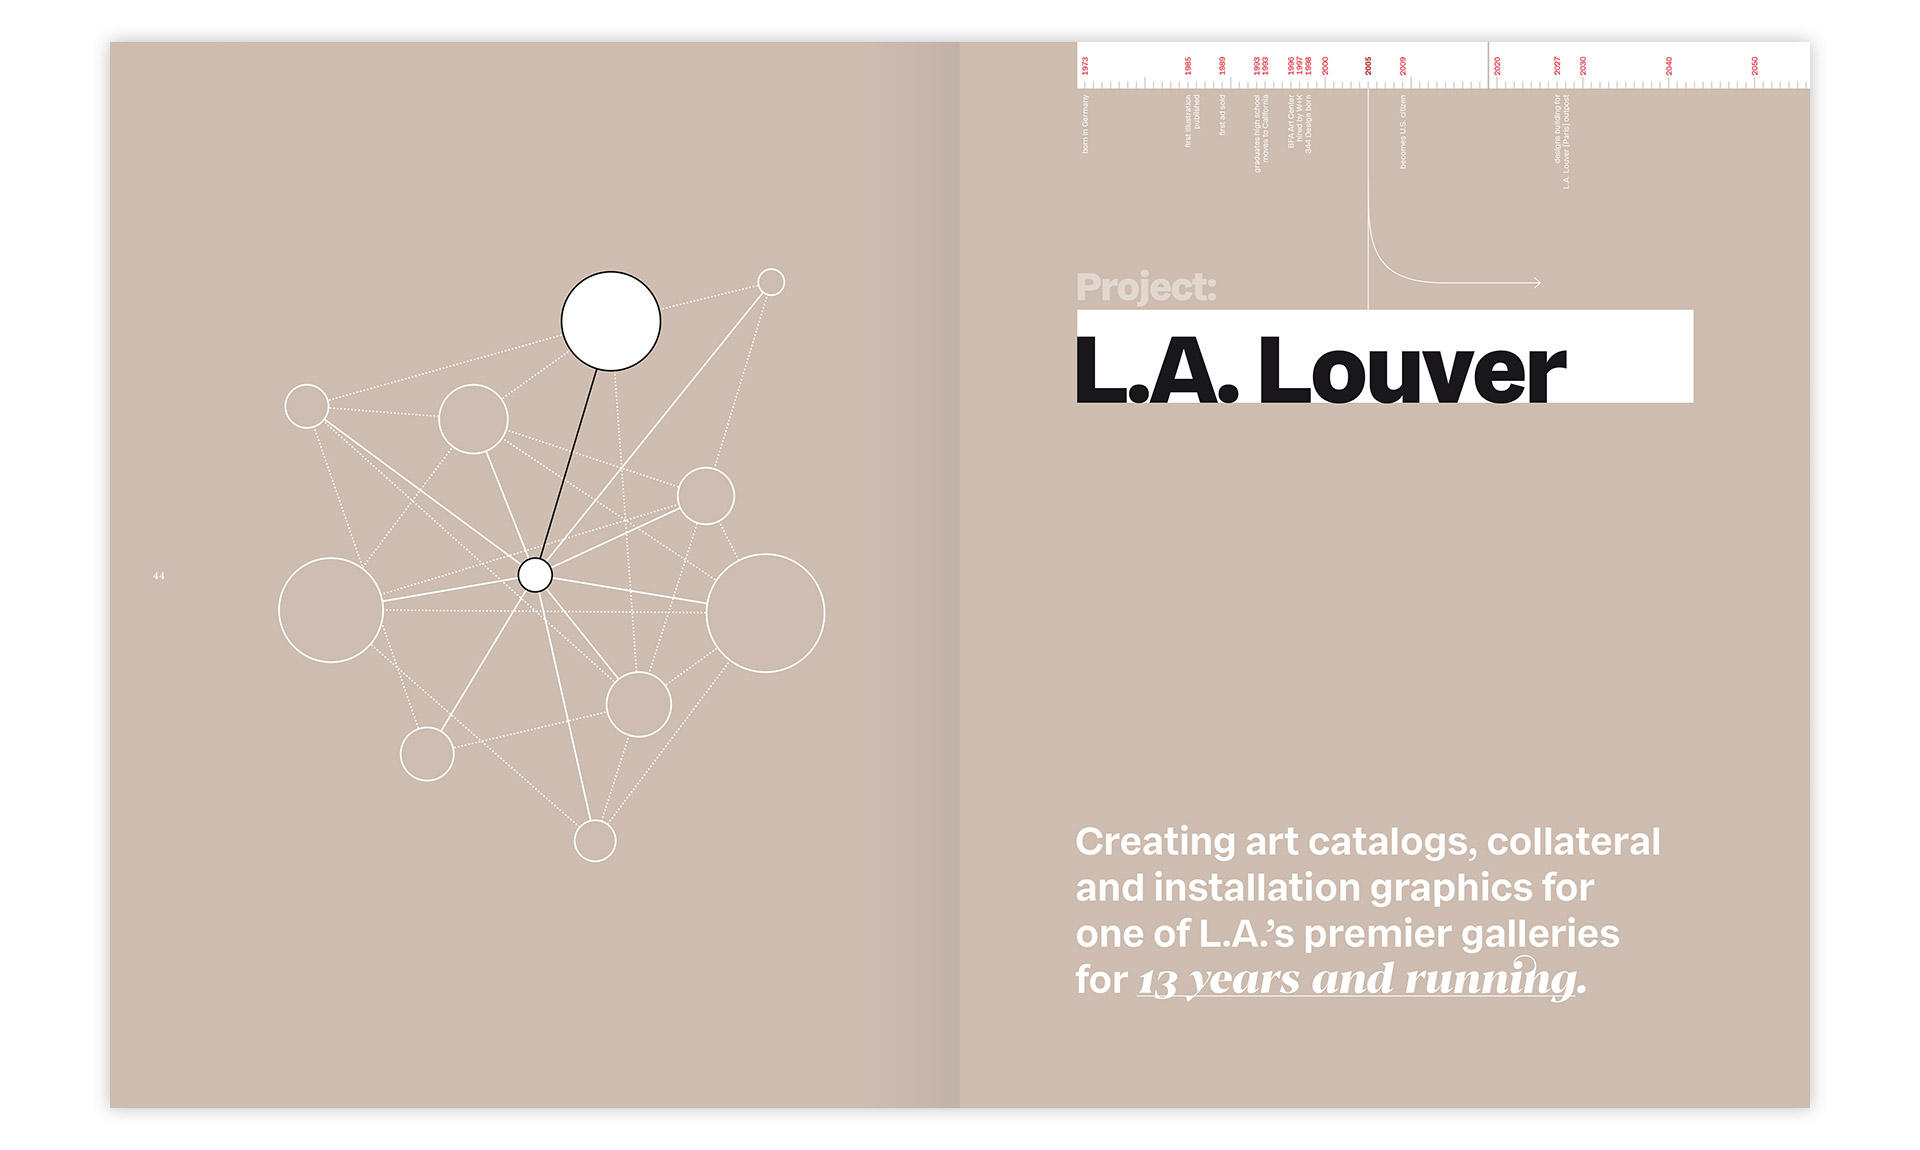 nda-book-spread-la-louver@2x.jpg